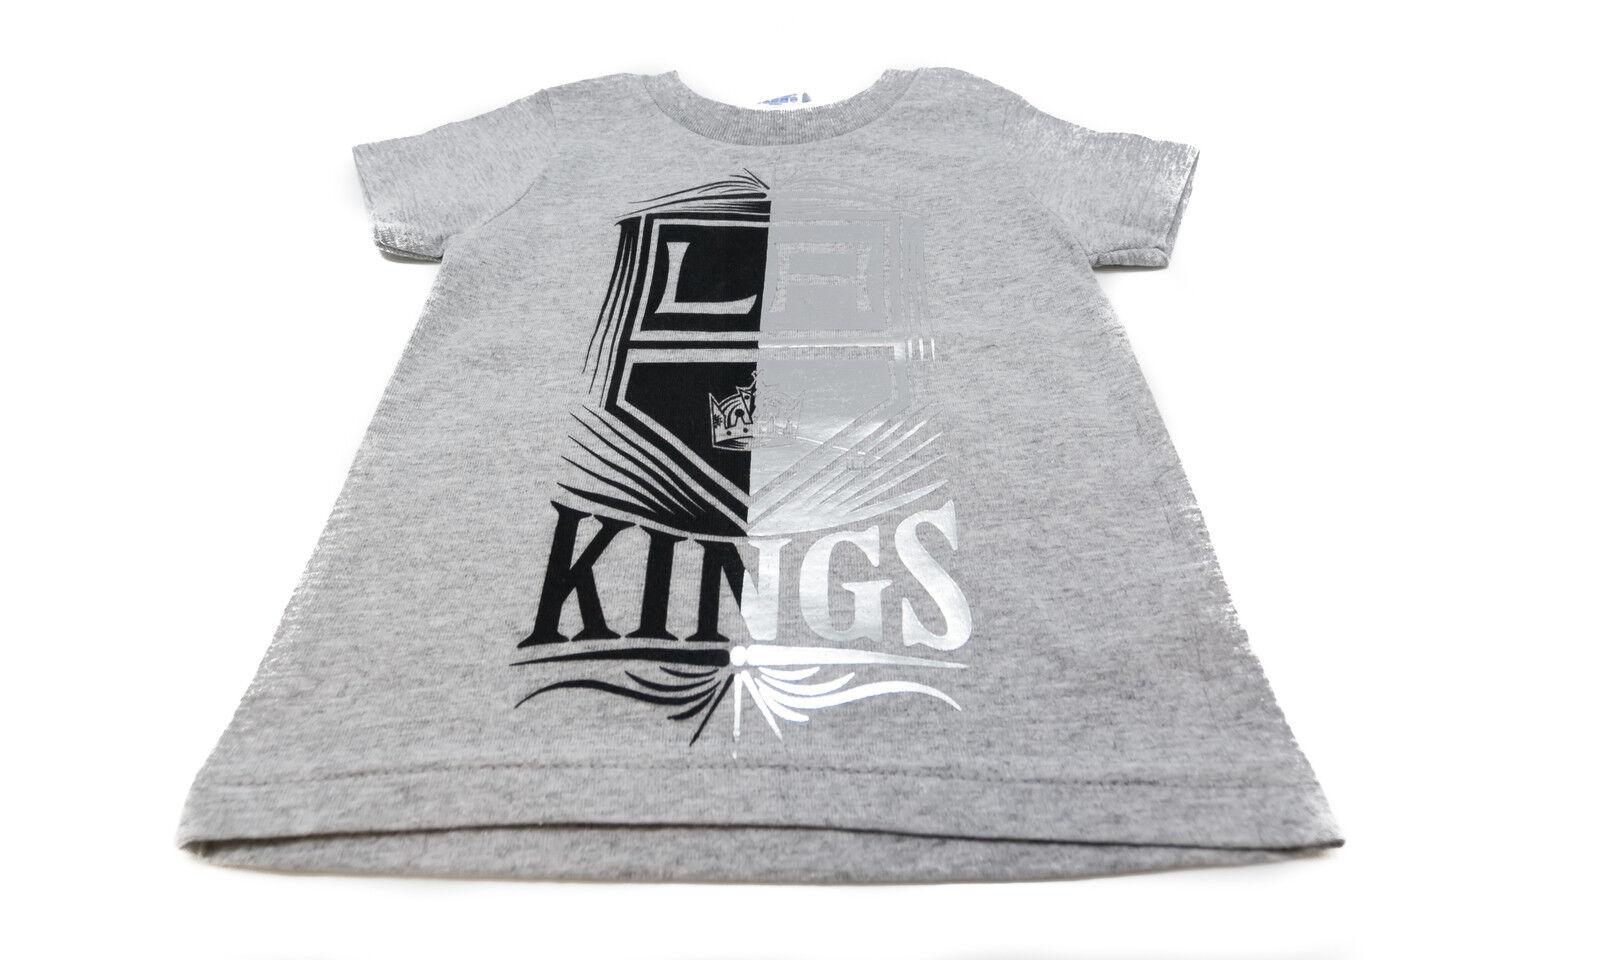 discount shop 84fa8 2b594 la kings baby girl clothes ... 5e7d4d21c0e5